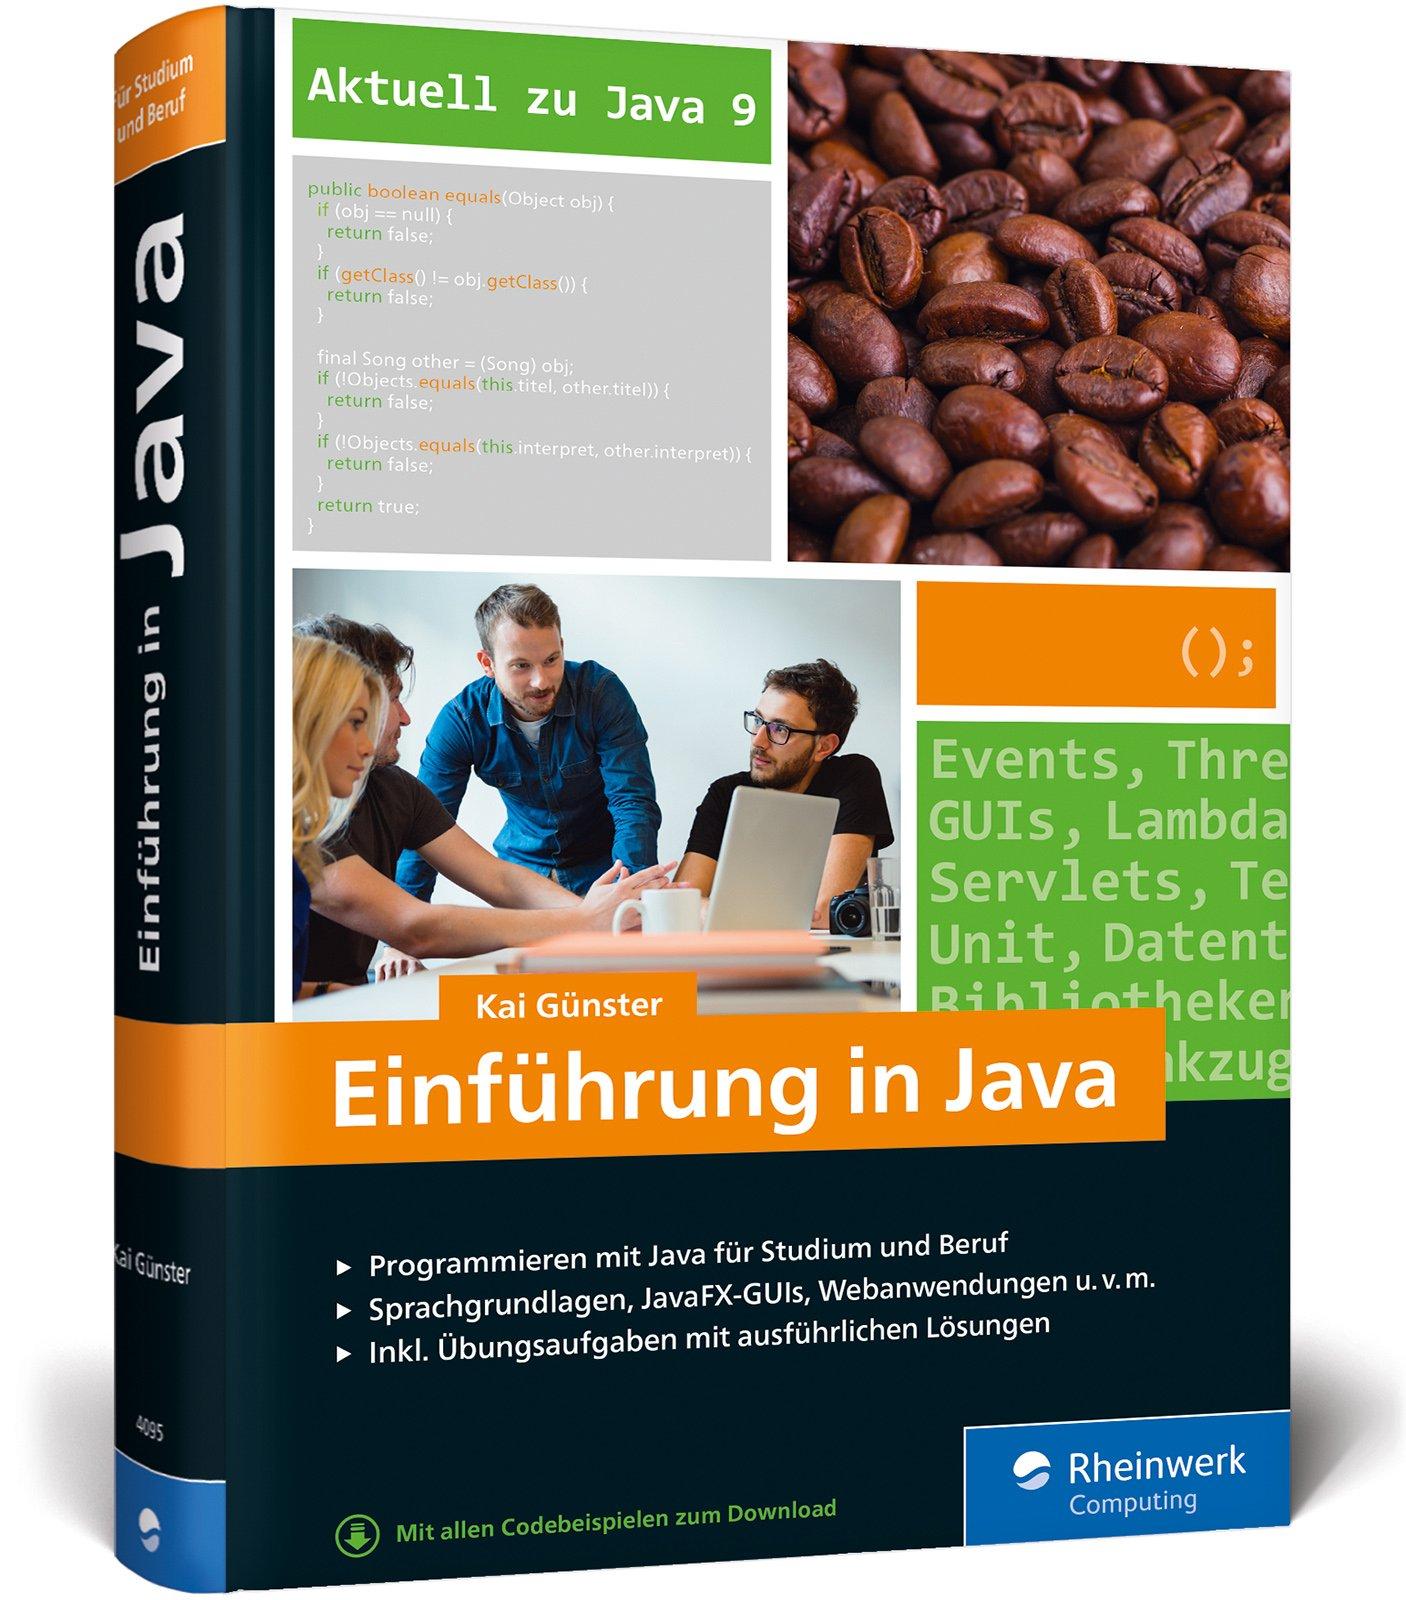 Einführung in Java: Ideal für Studium, Ausbildung und Beruf ...